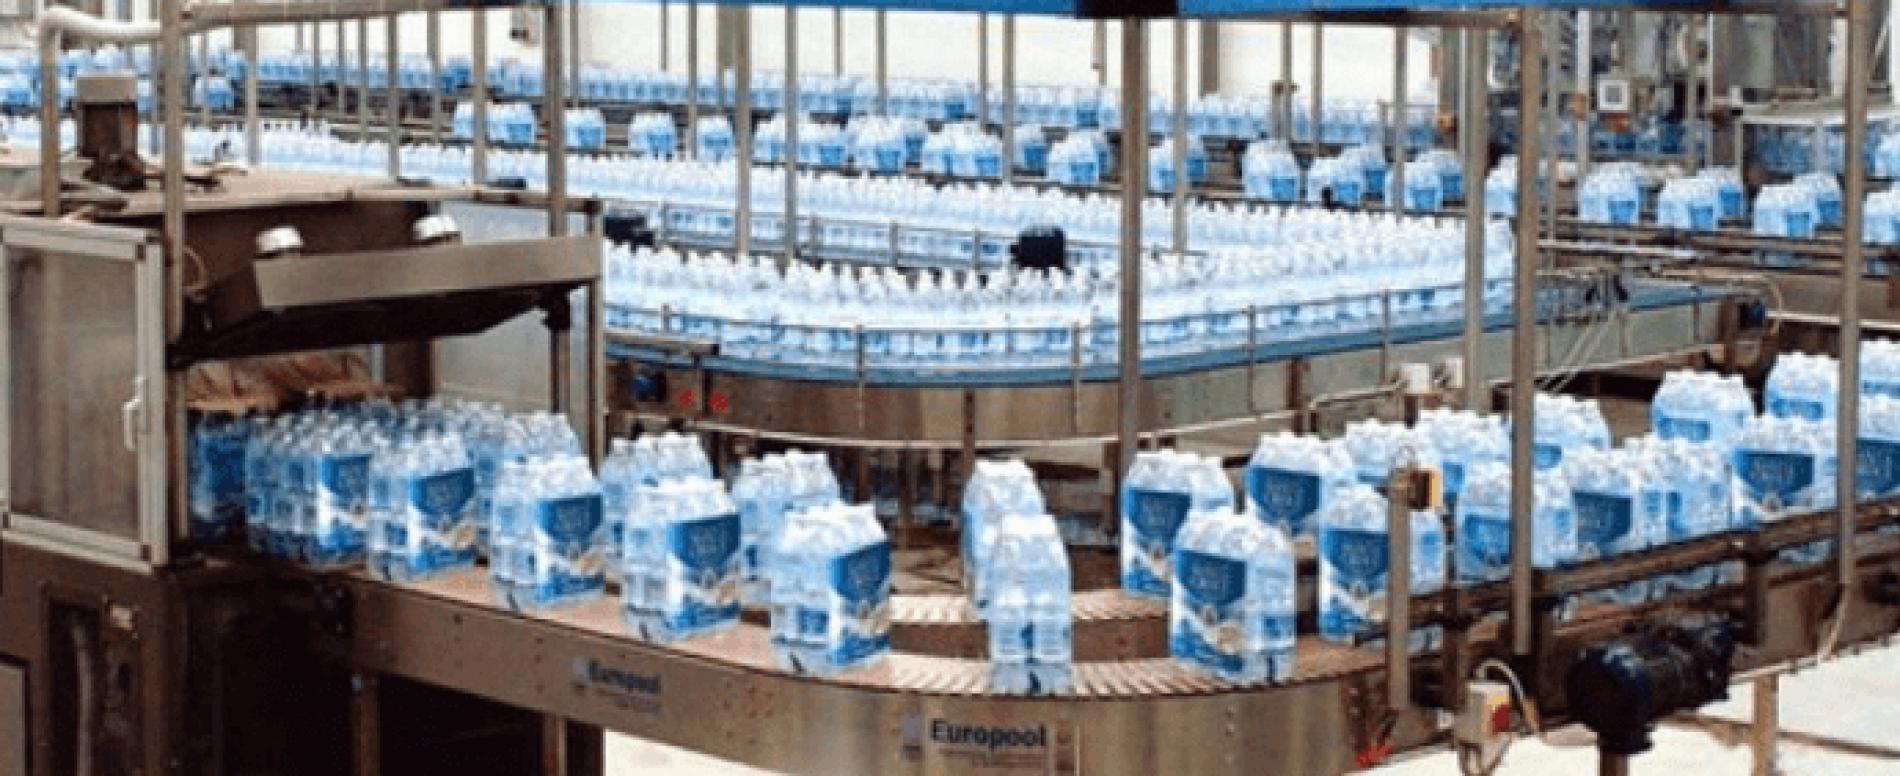 Acqua Santa Croce: in arrivo un nuovo bando